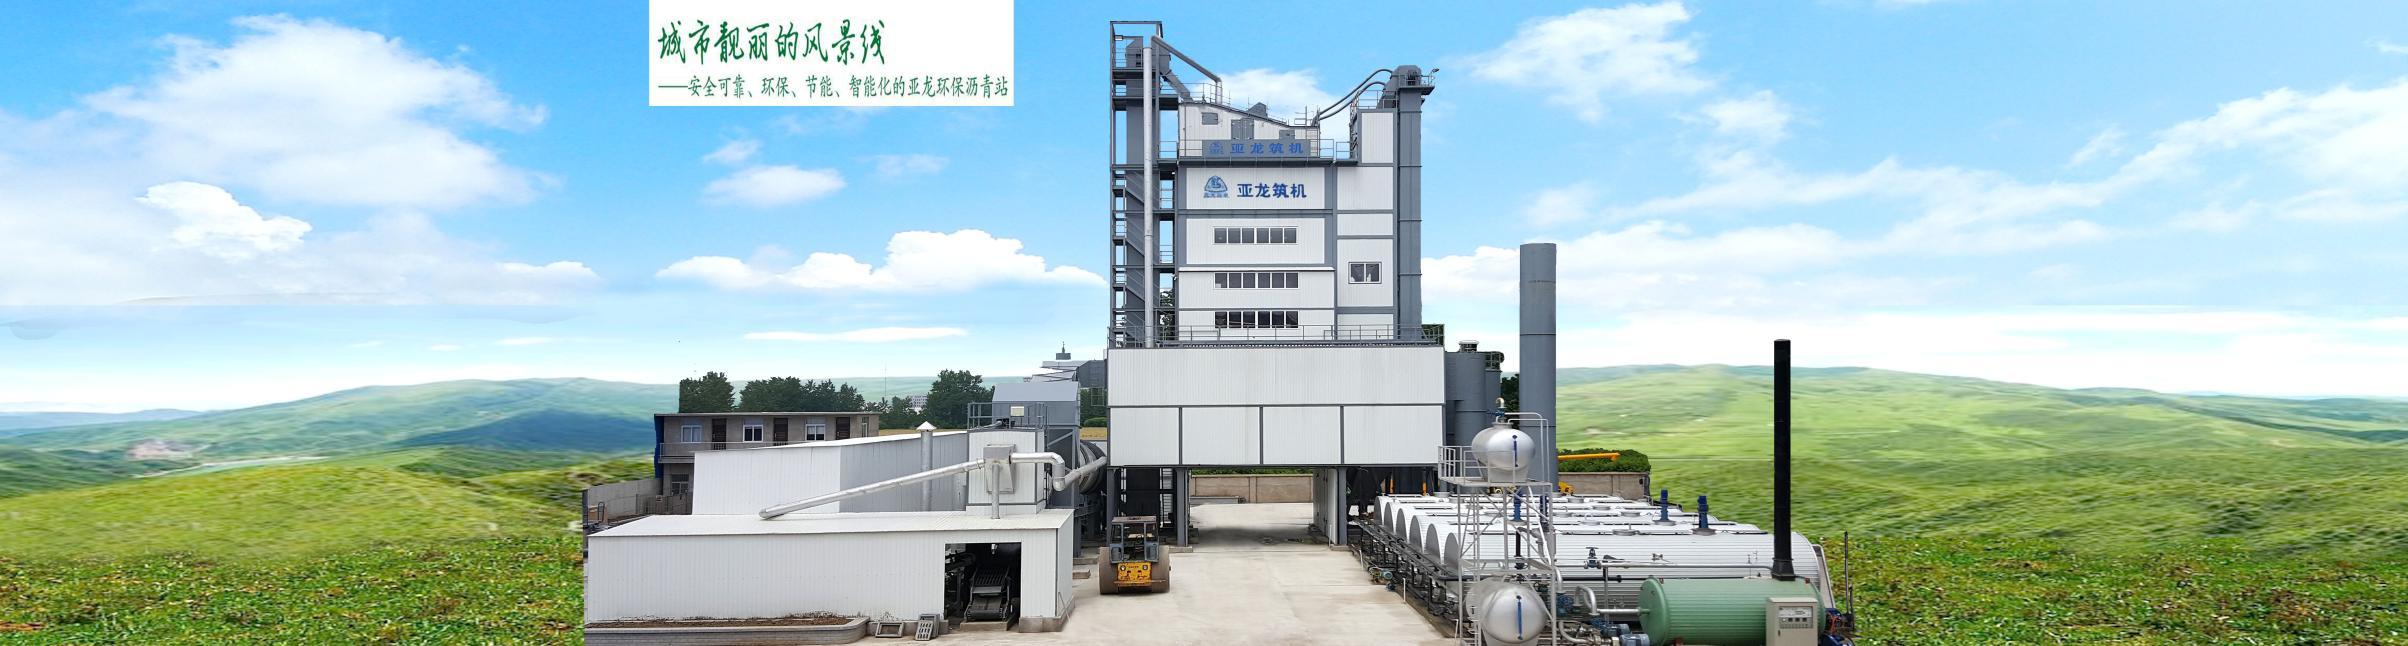 亚龙环保型沥青混合料搅拌设备